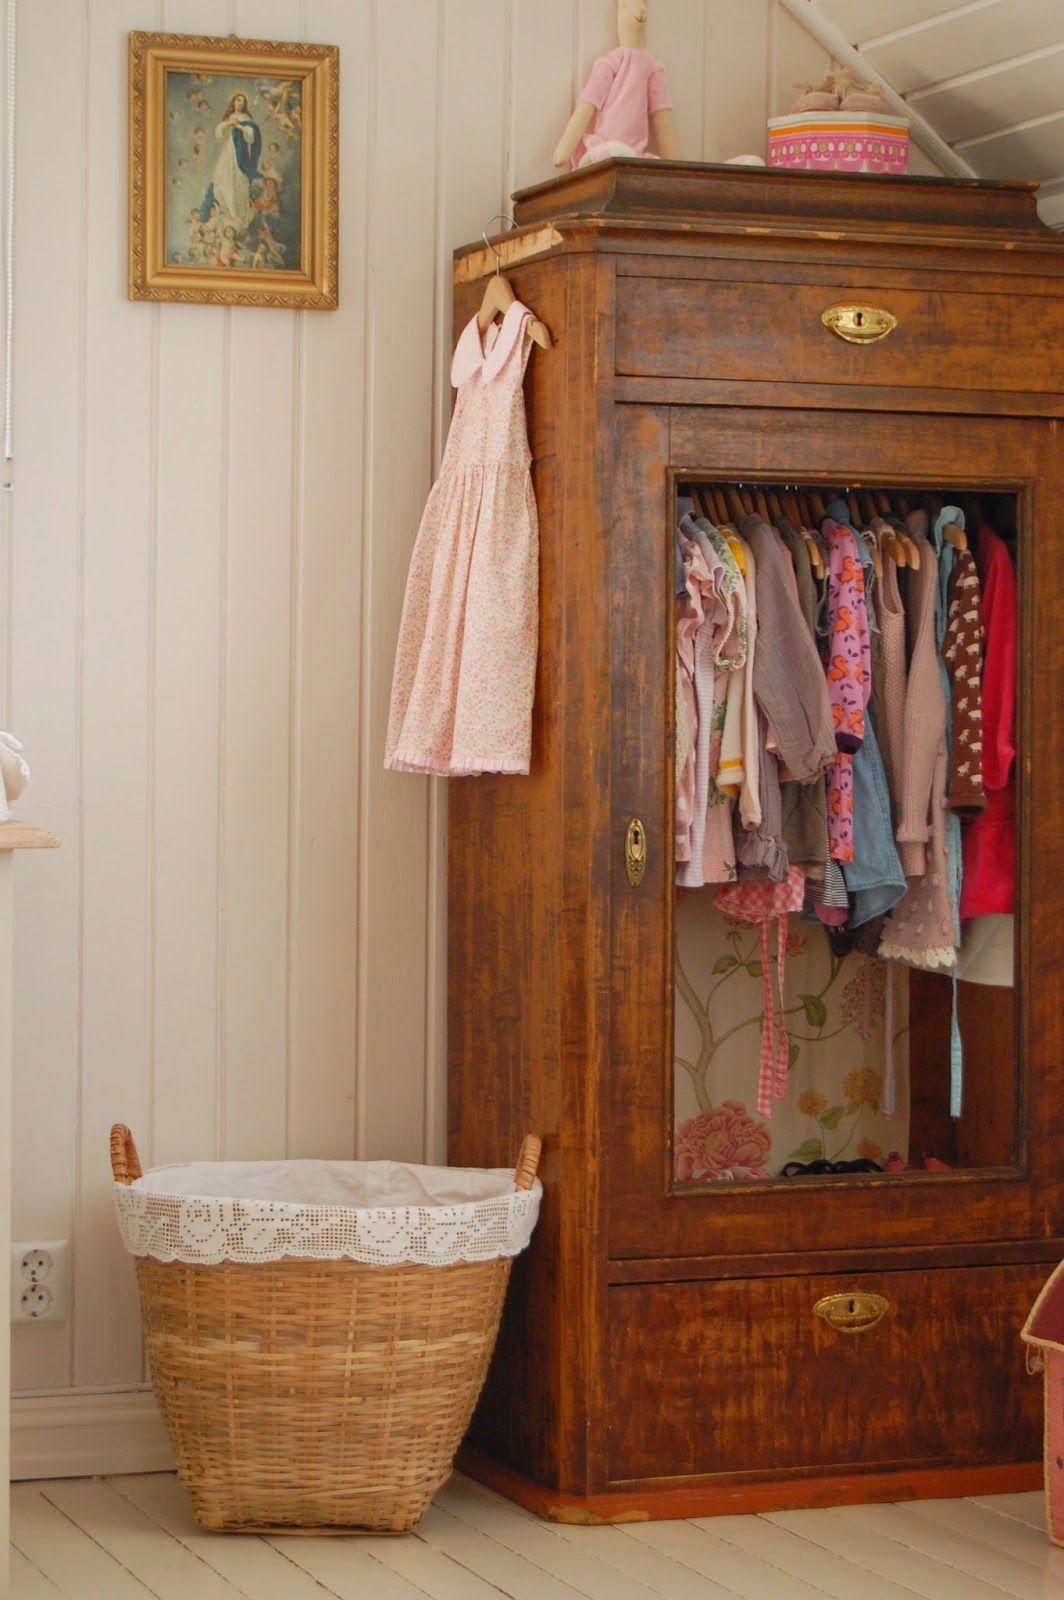 ChÂteau de konstanse kids room wardrobe vintage chayah lior